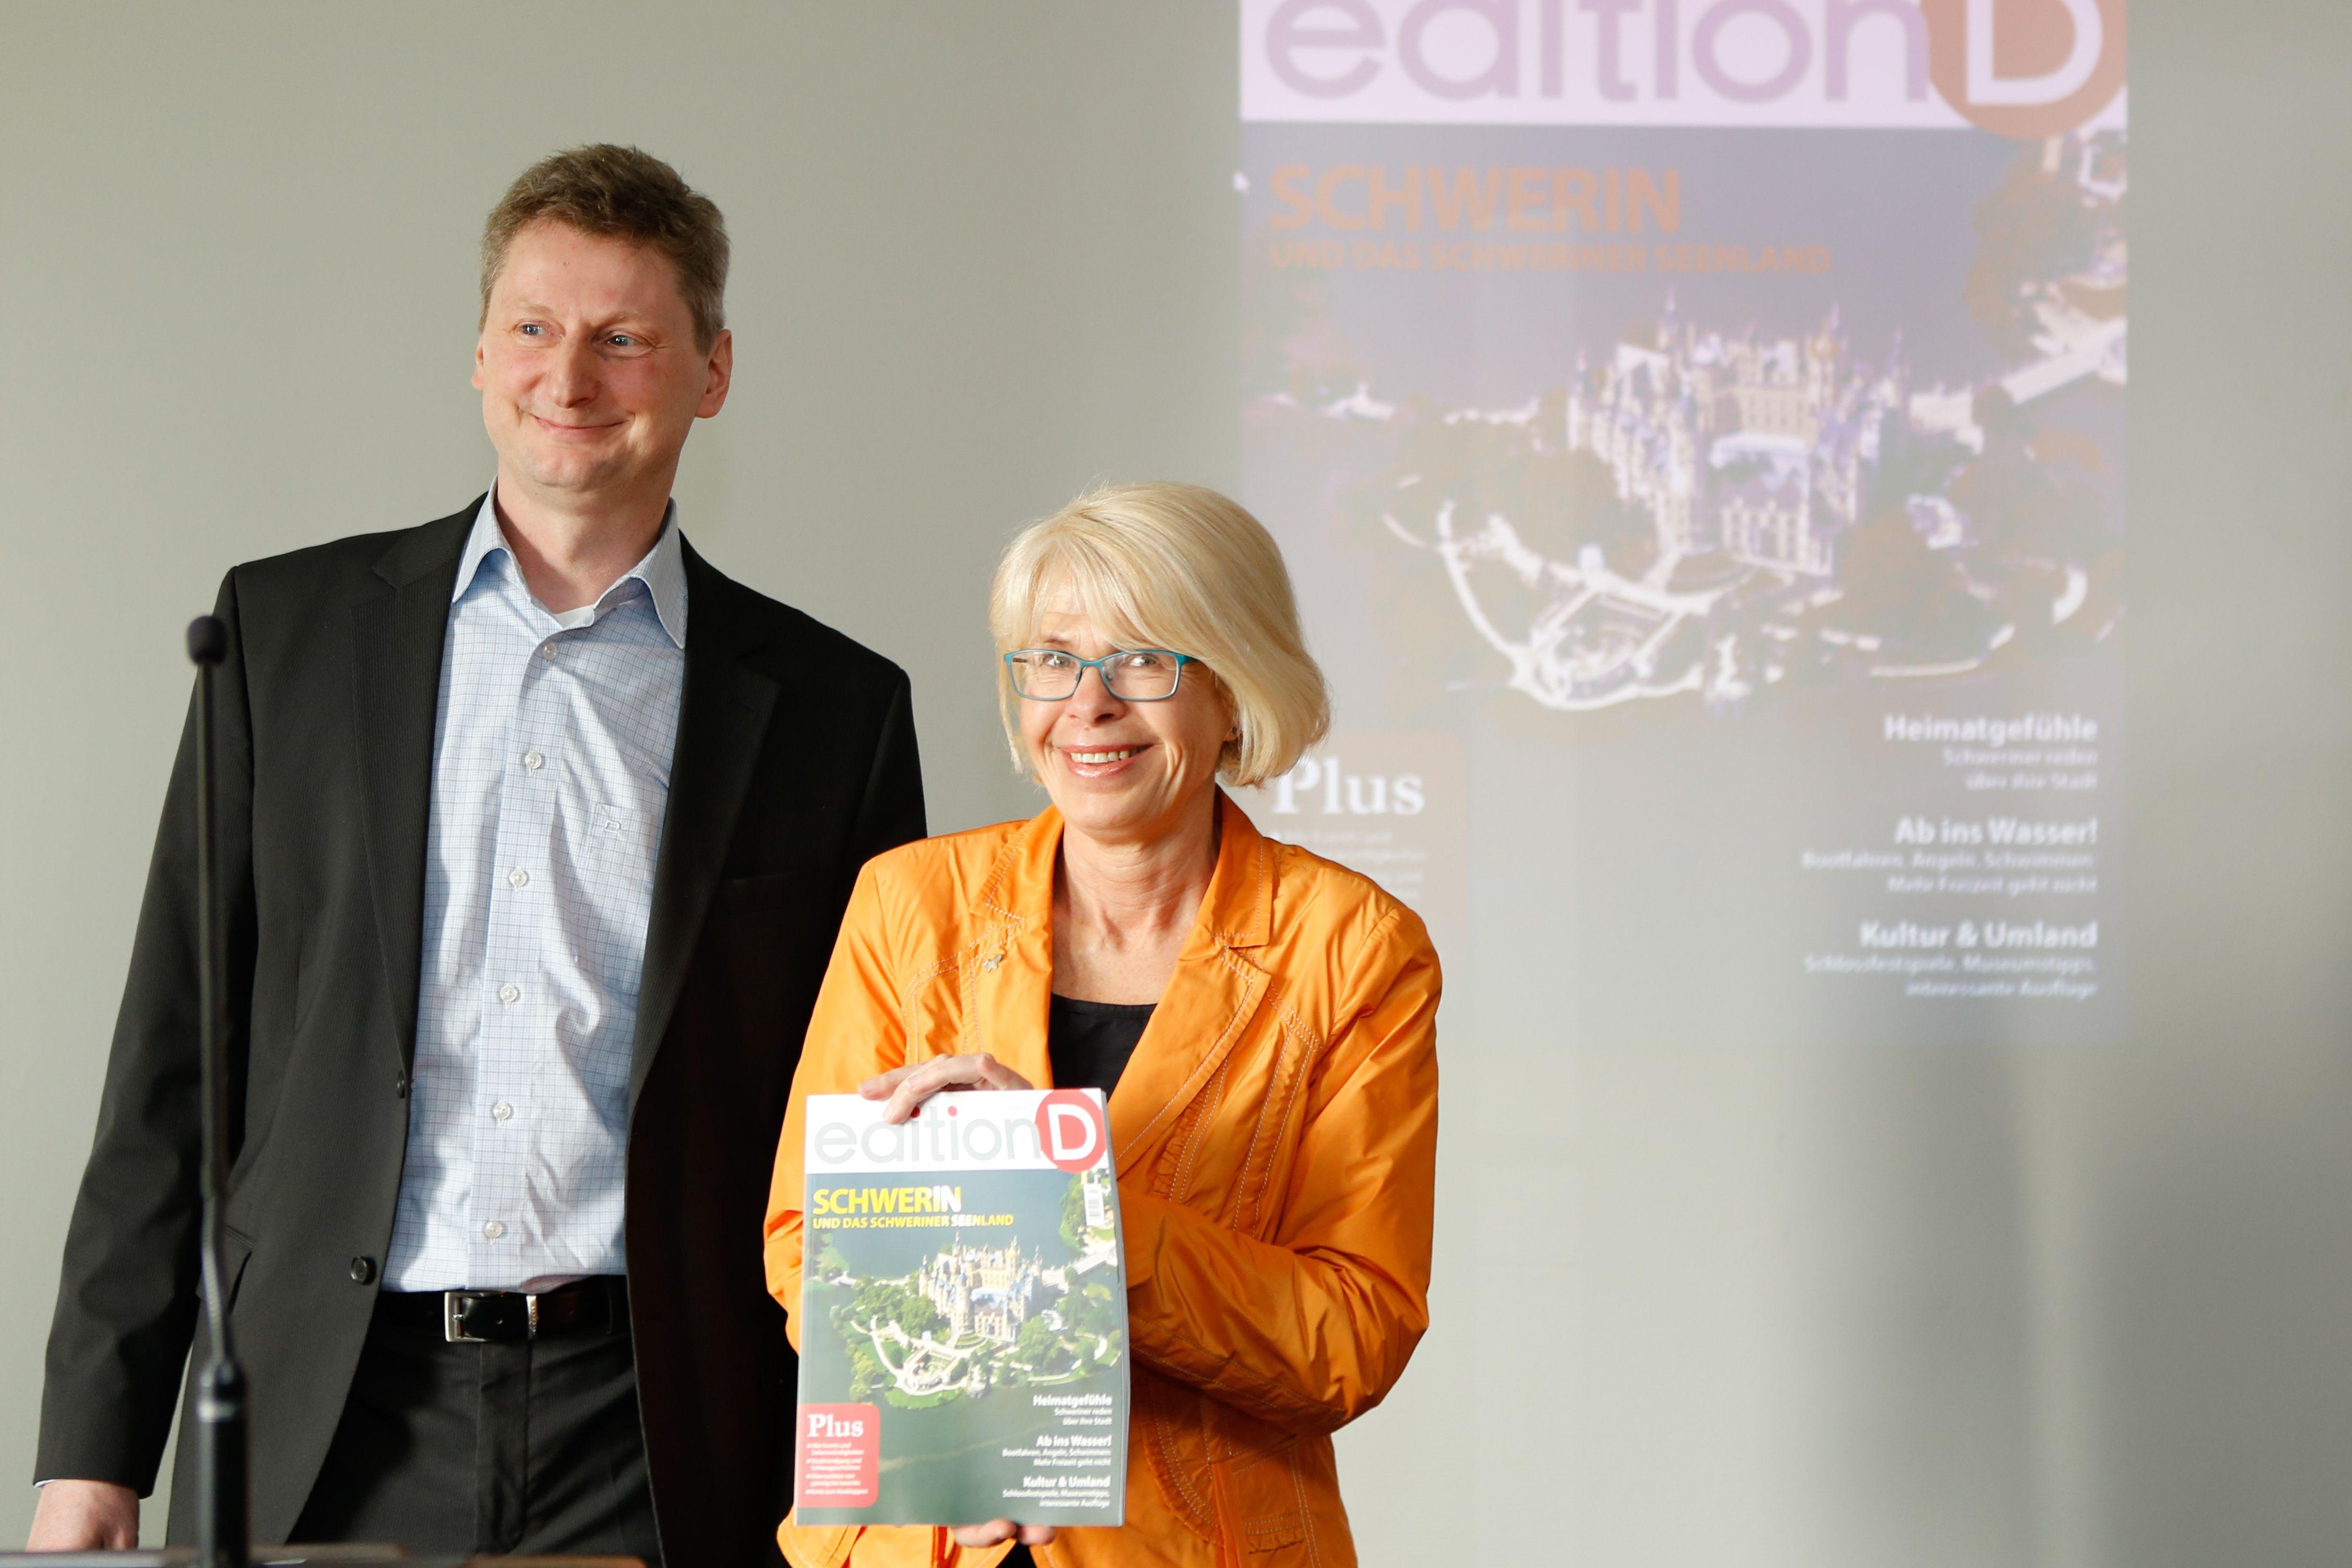 Verleger Stefan Zastrutzki und die Schweriner Oberbürgermeisterin Angelika Gramkow